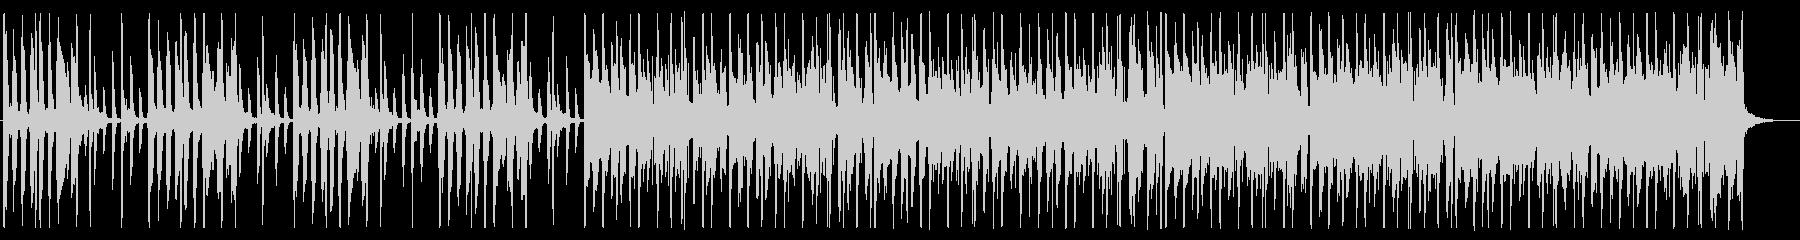 土臭い/ファンク_No497_3の未再生の波形